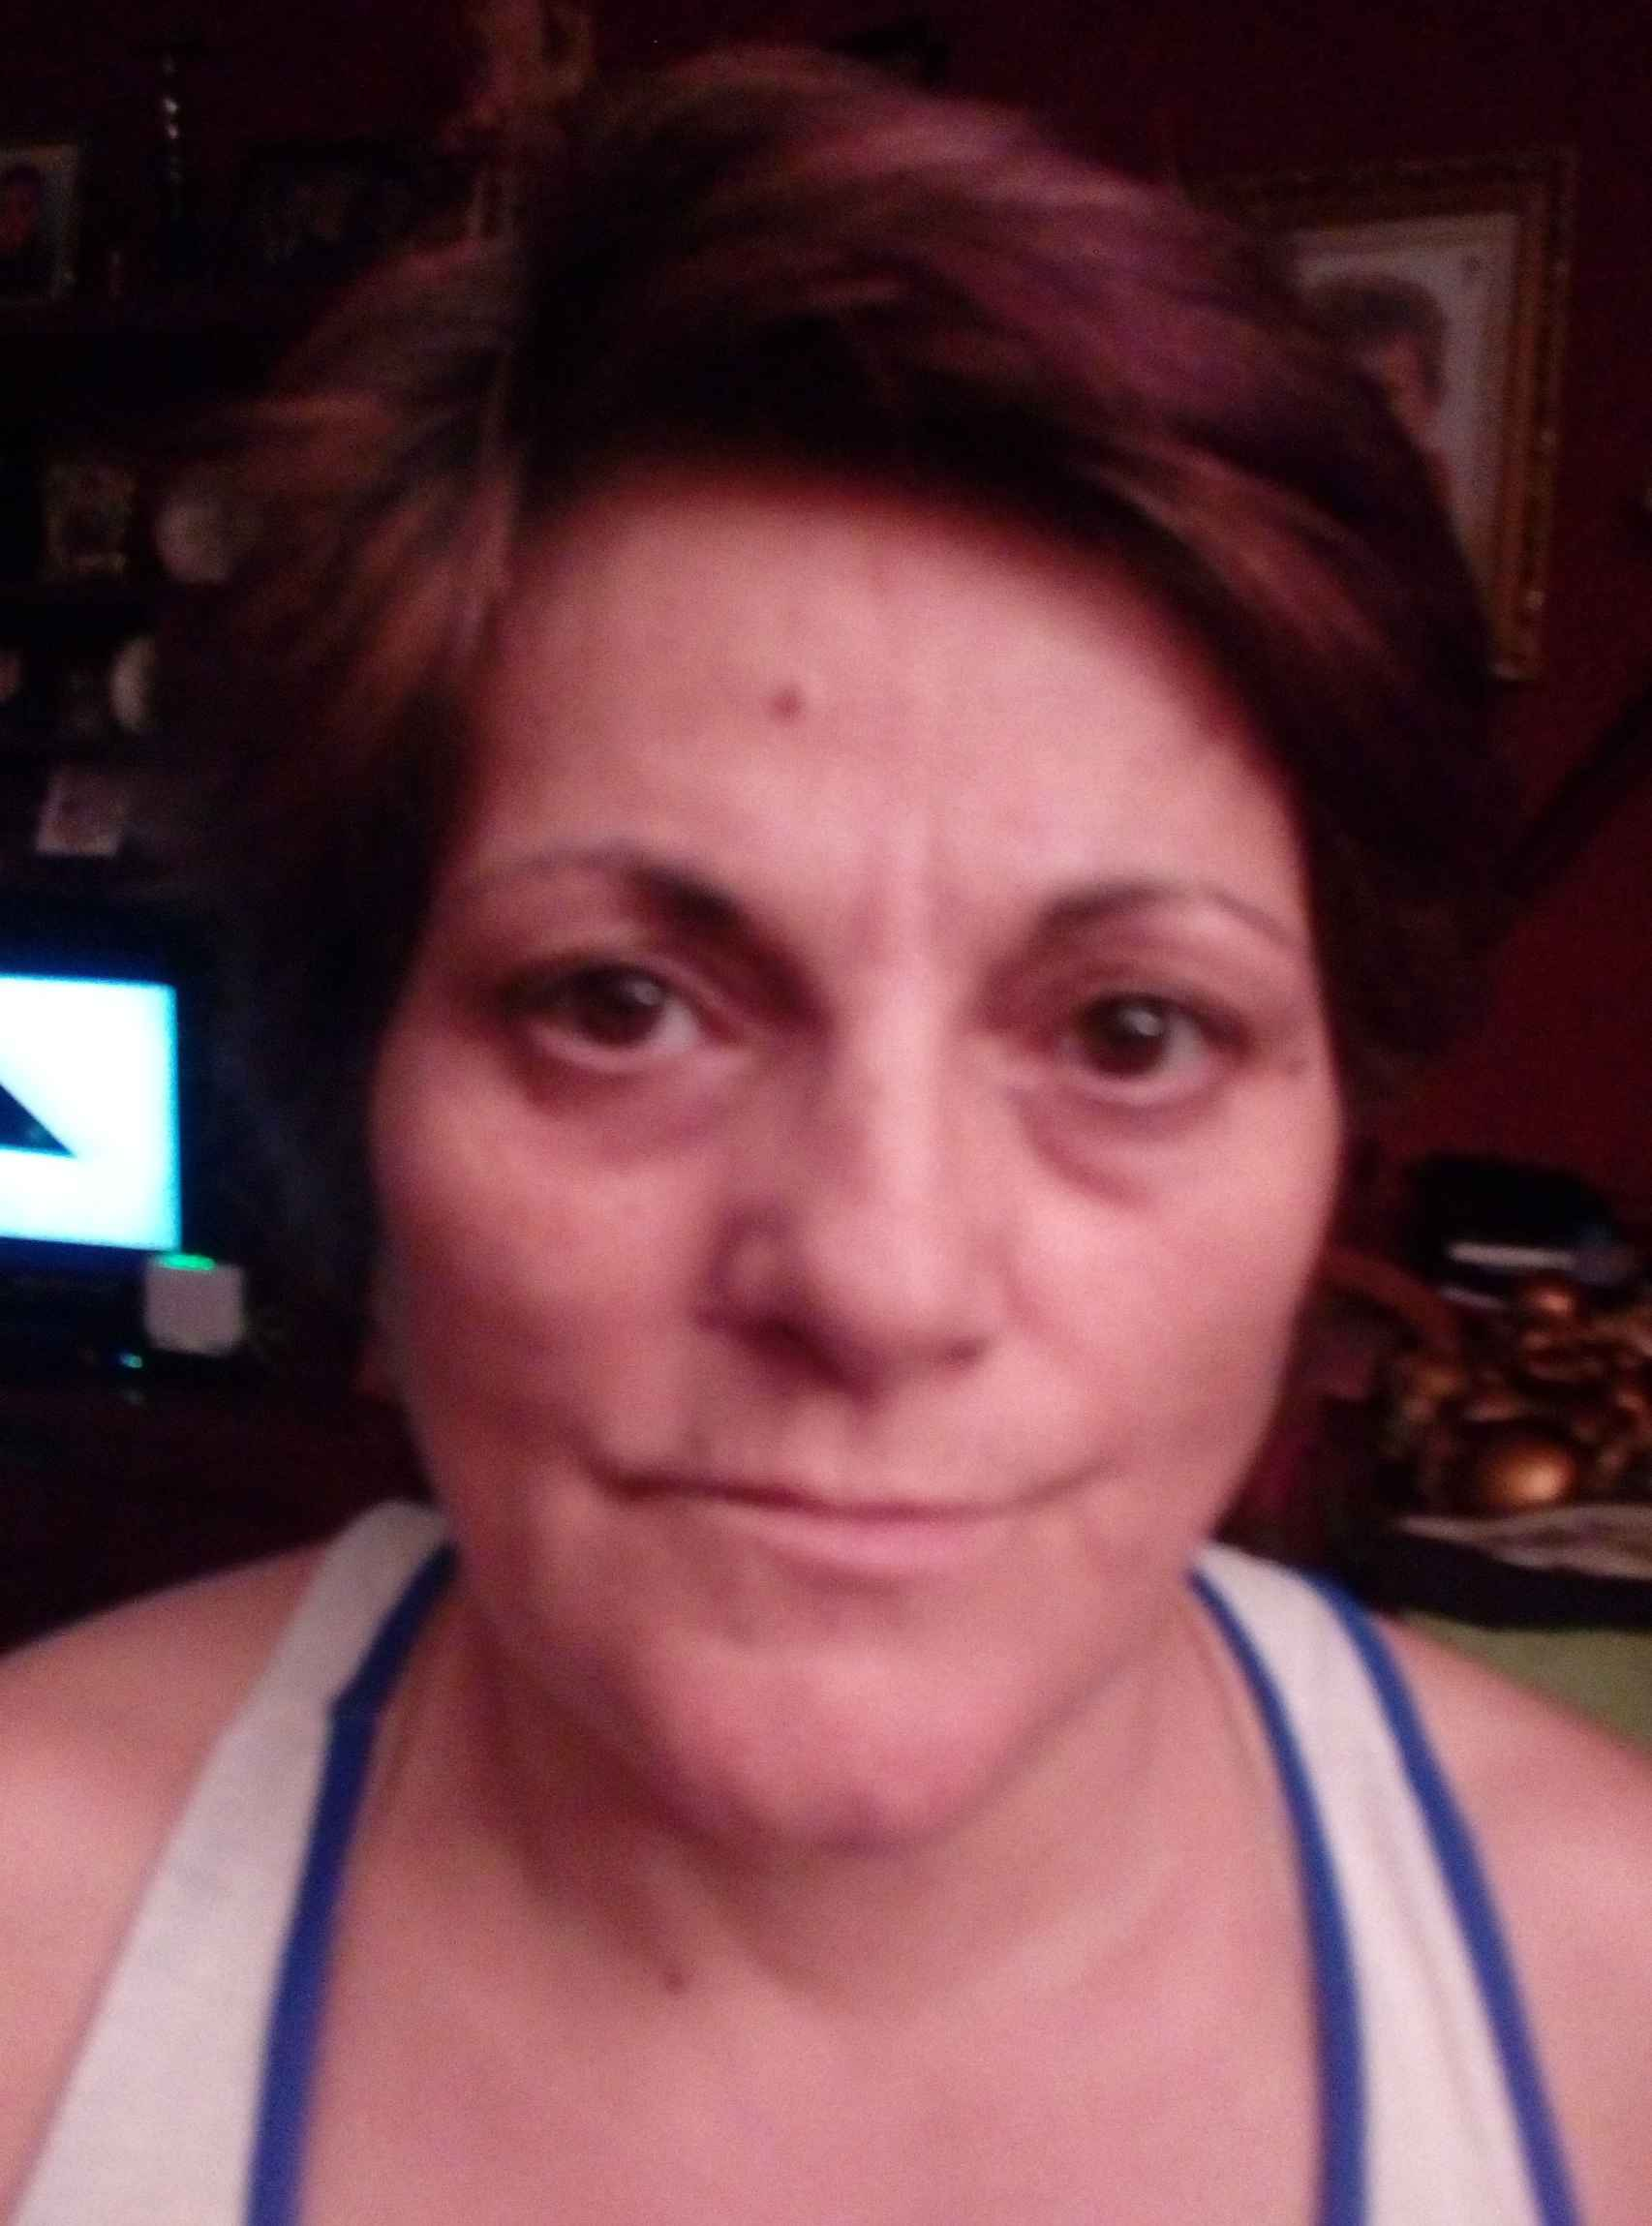 Rosario Sánchez Moreno pagó 17.000 euros a Funnydent por un trabajo no terminado y se quedó sin dientes.